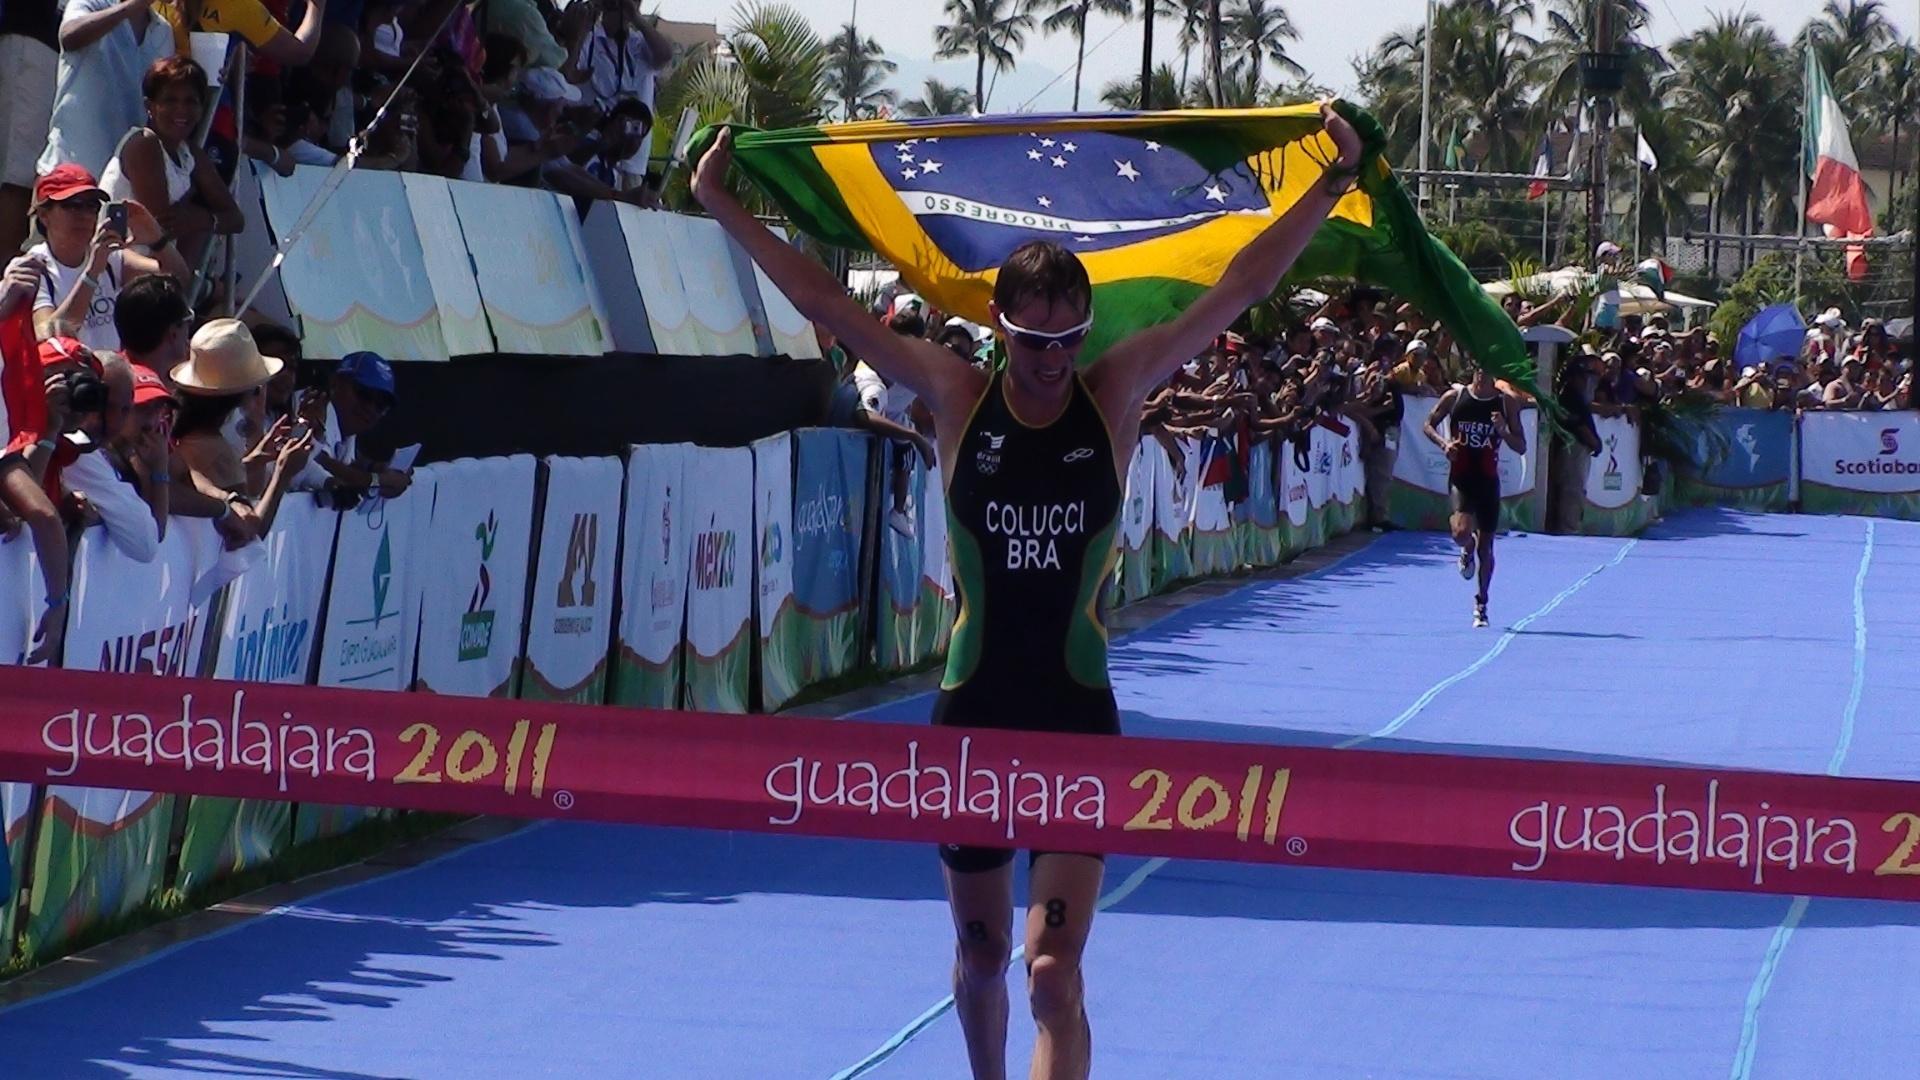 Reinaldo Colucci cruza a linha de chegada e conquista a medalha de ouro no triatlo (23/10/2011)